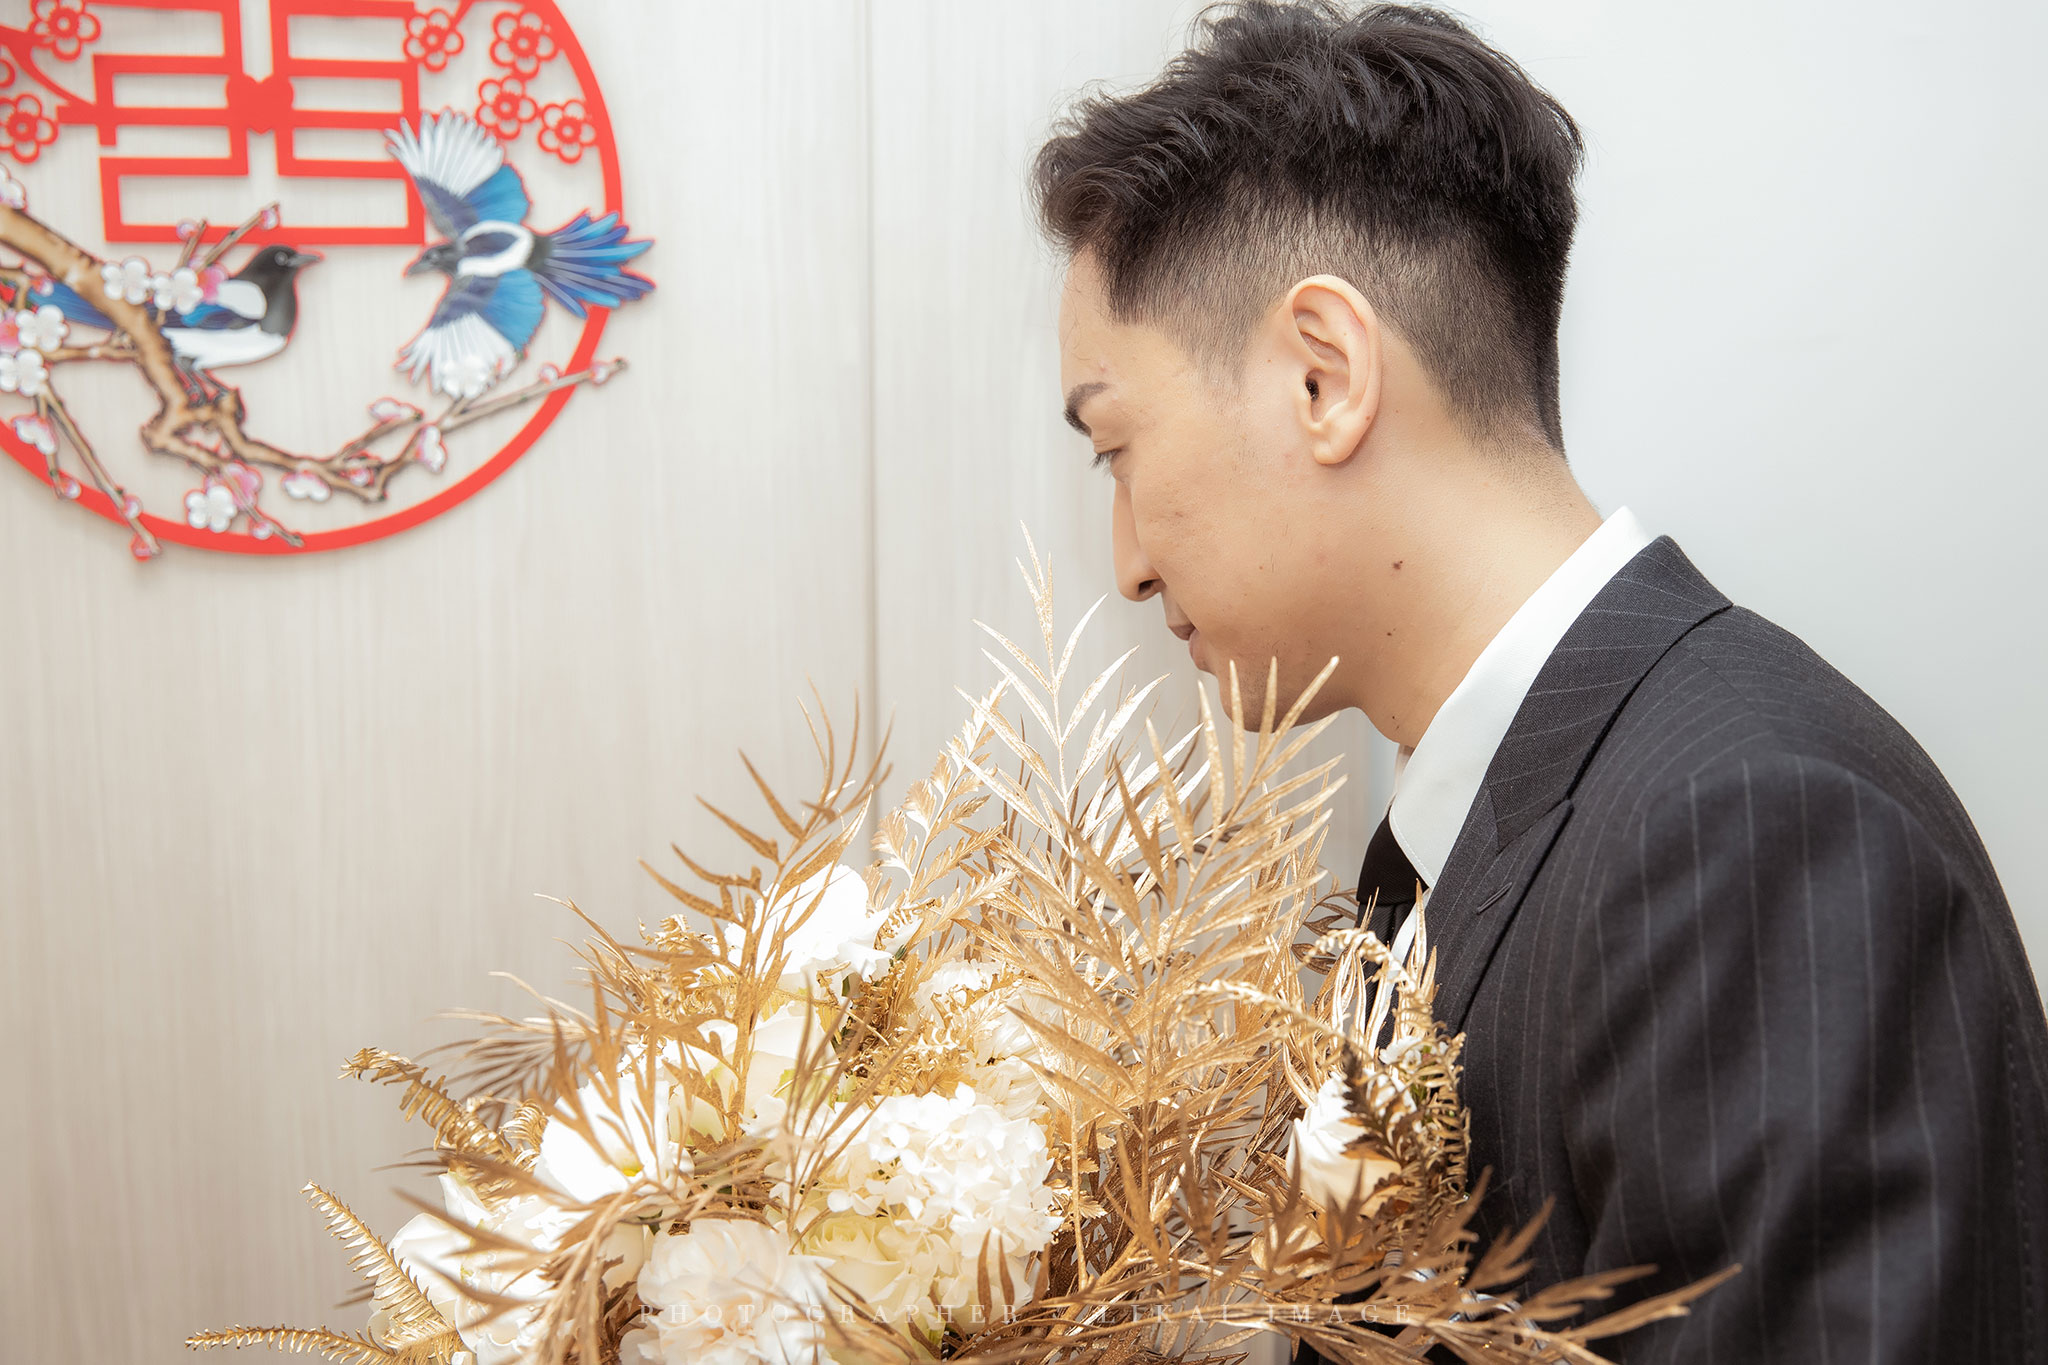 婚禮紀錄 - Fiona & Benson - 台南晶英酒店